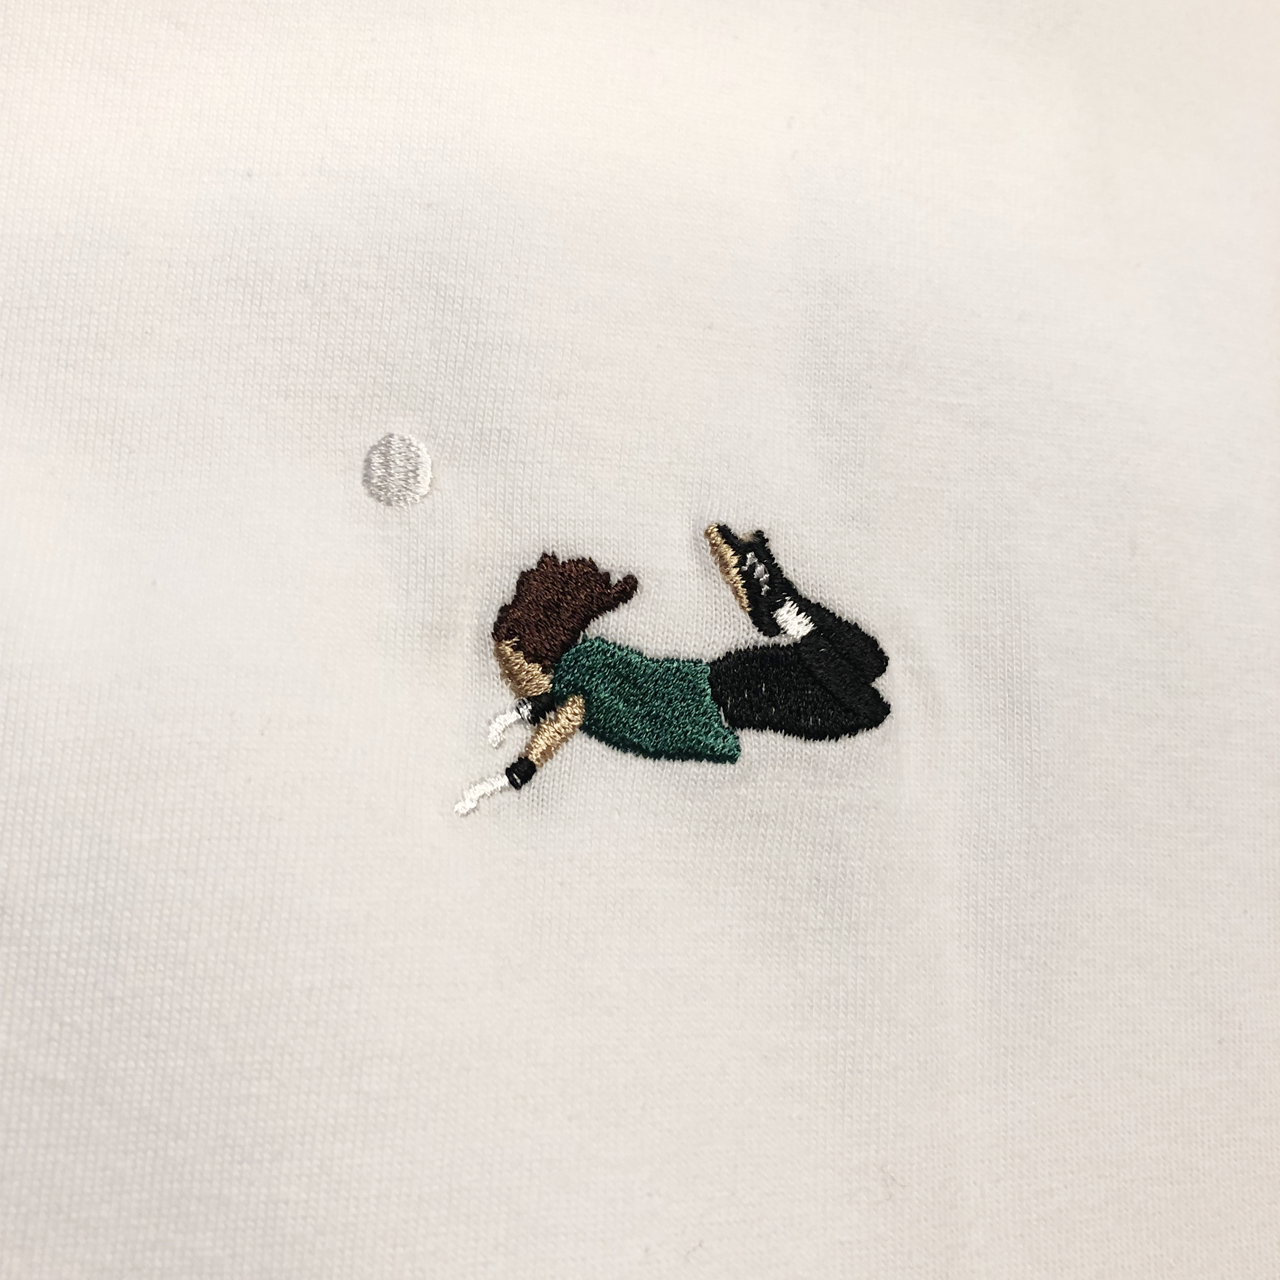 スコーピオンTシャツ刺繍半袖 / ホワイト   SINE METU - シネメトゥ